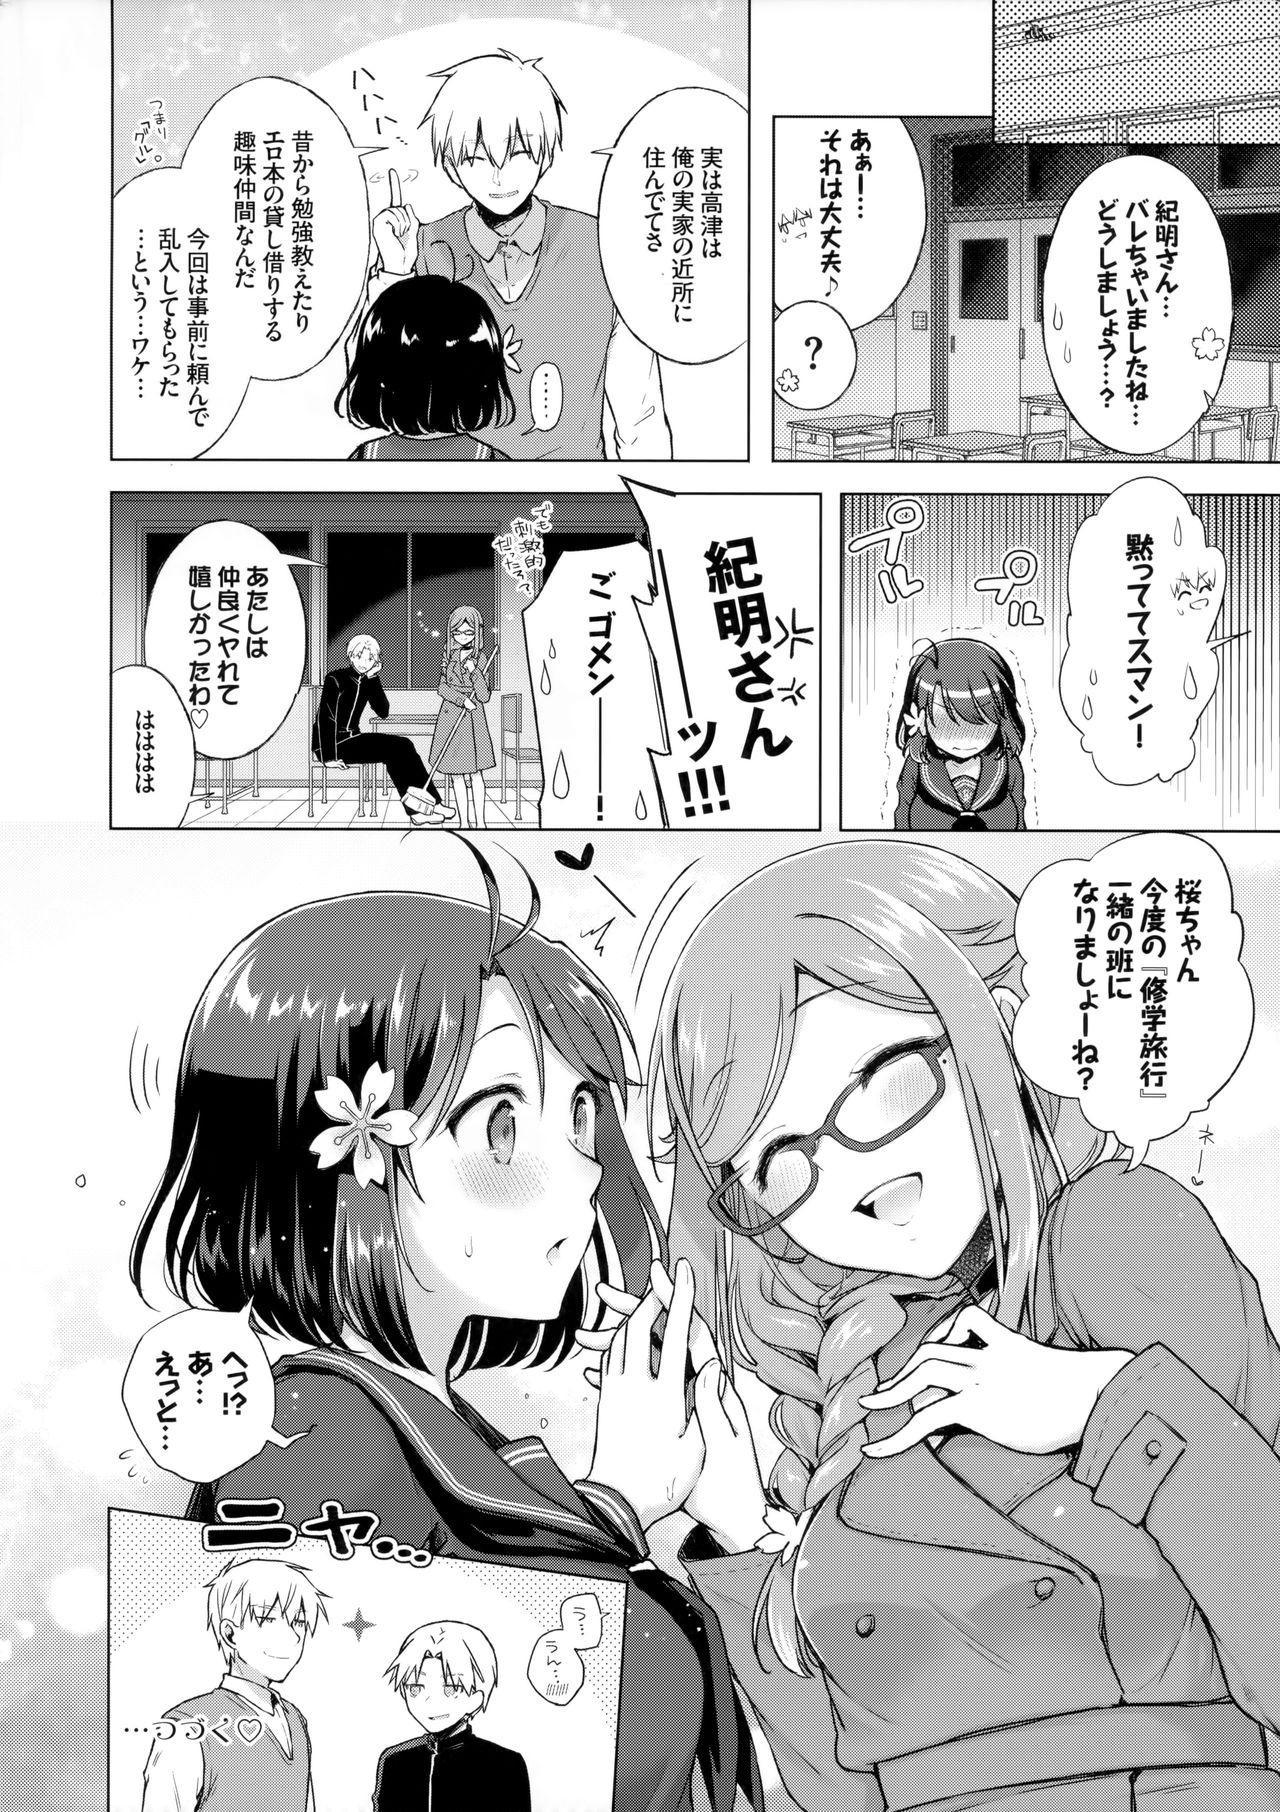 JK Yome Sakura no Inokori Jugyou 22